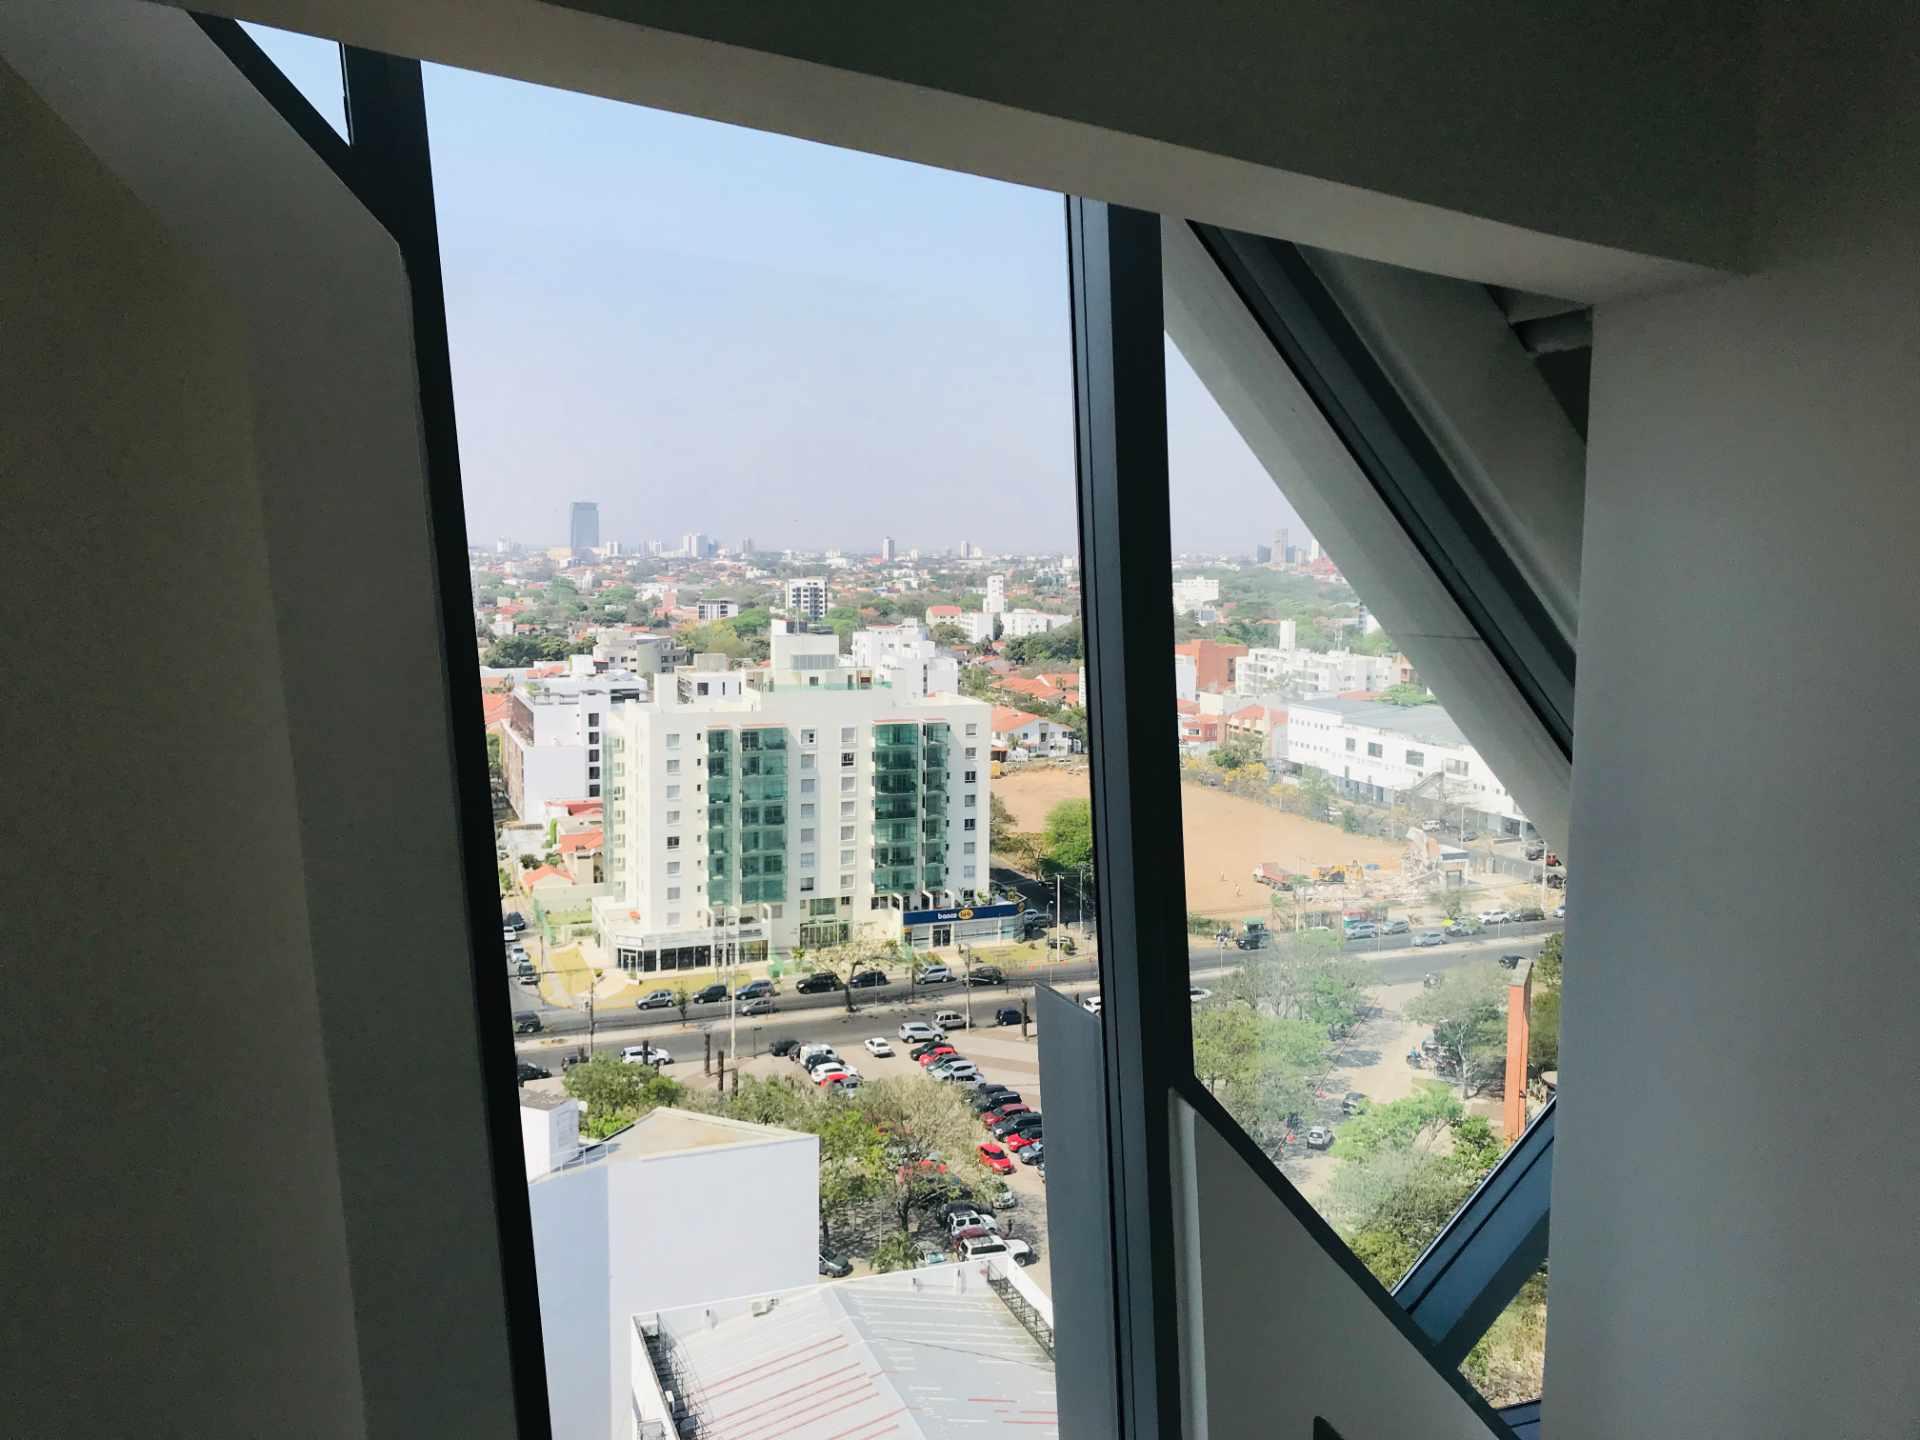 Oficina en Venta Torre de Negocios ALAS. Equipetrol Norte zona Empresarial, Av. San Martín entre 3er y 4to anillo.  Foto 6